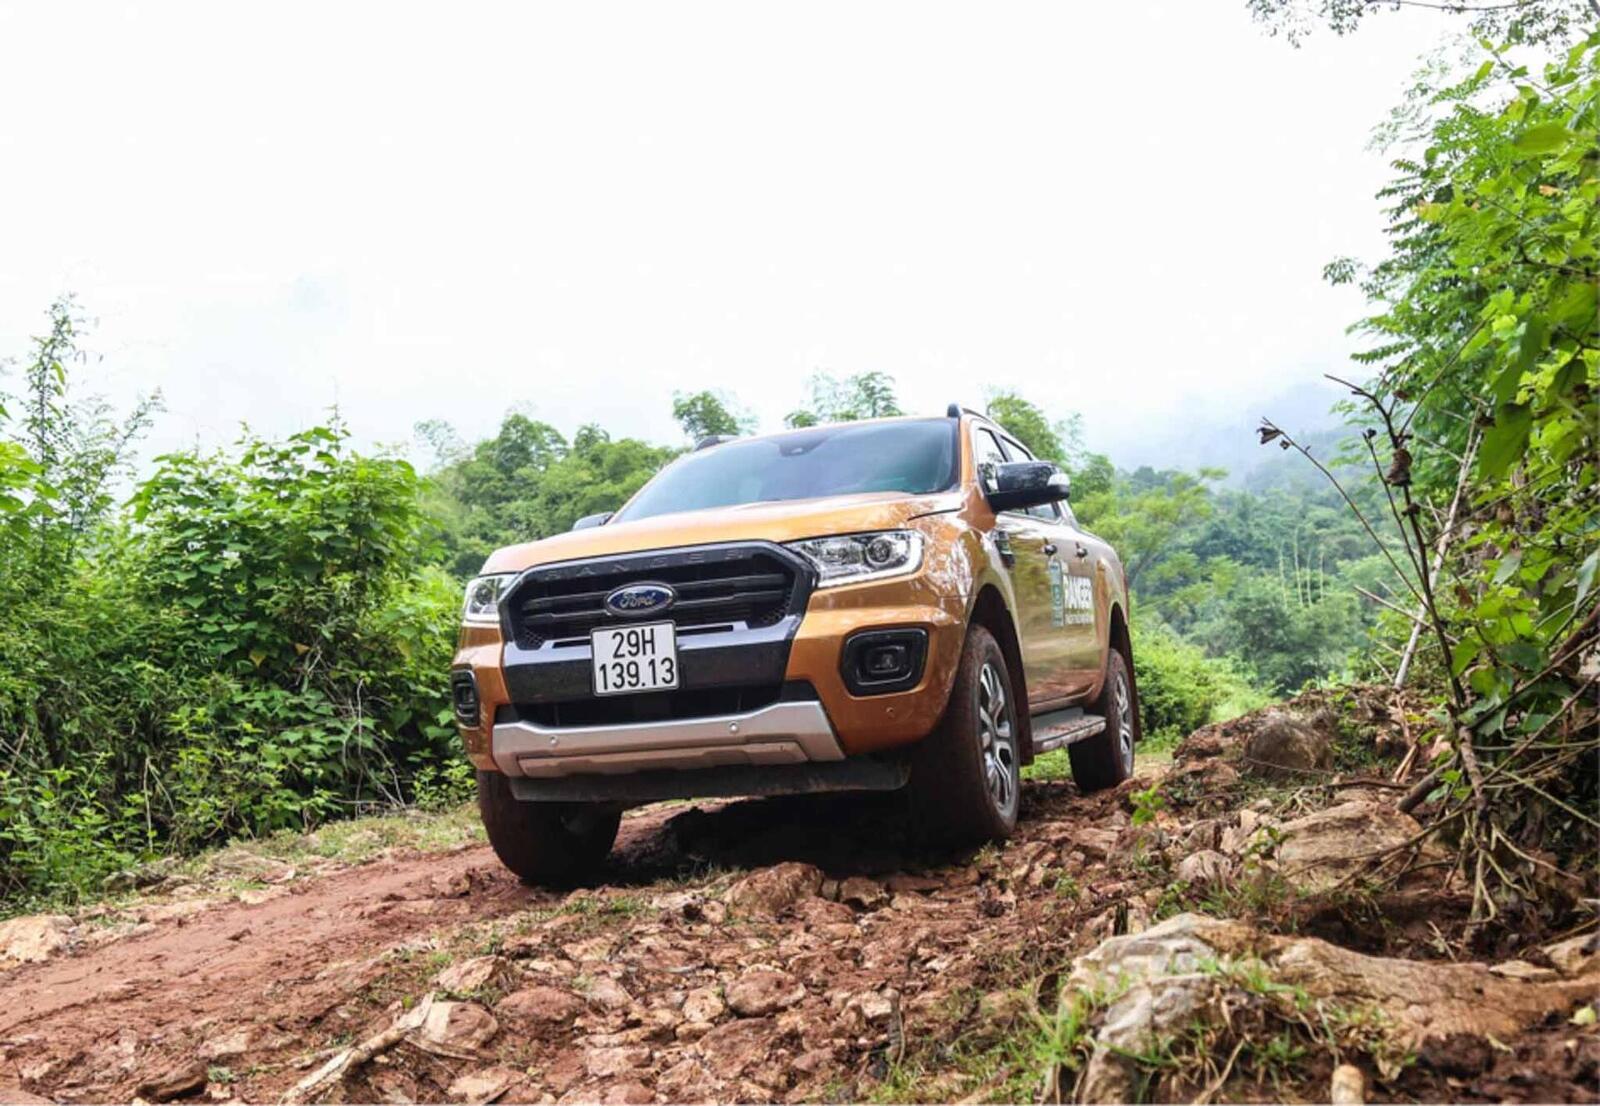 Ford Việt Nam bán hơn 1.900 chiếc Ranger mới trong tháng 12/2018 vừa qua - Hình 2